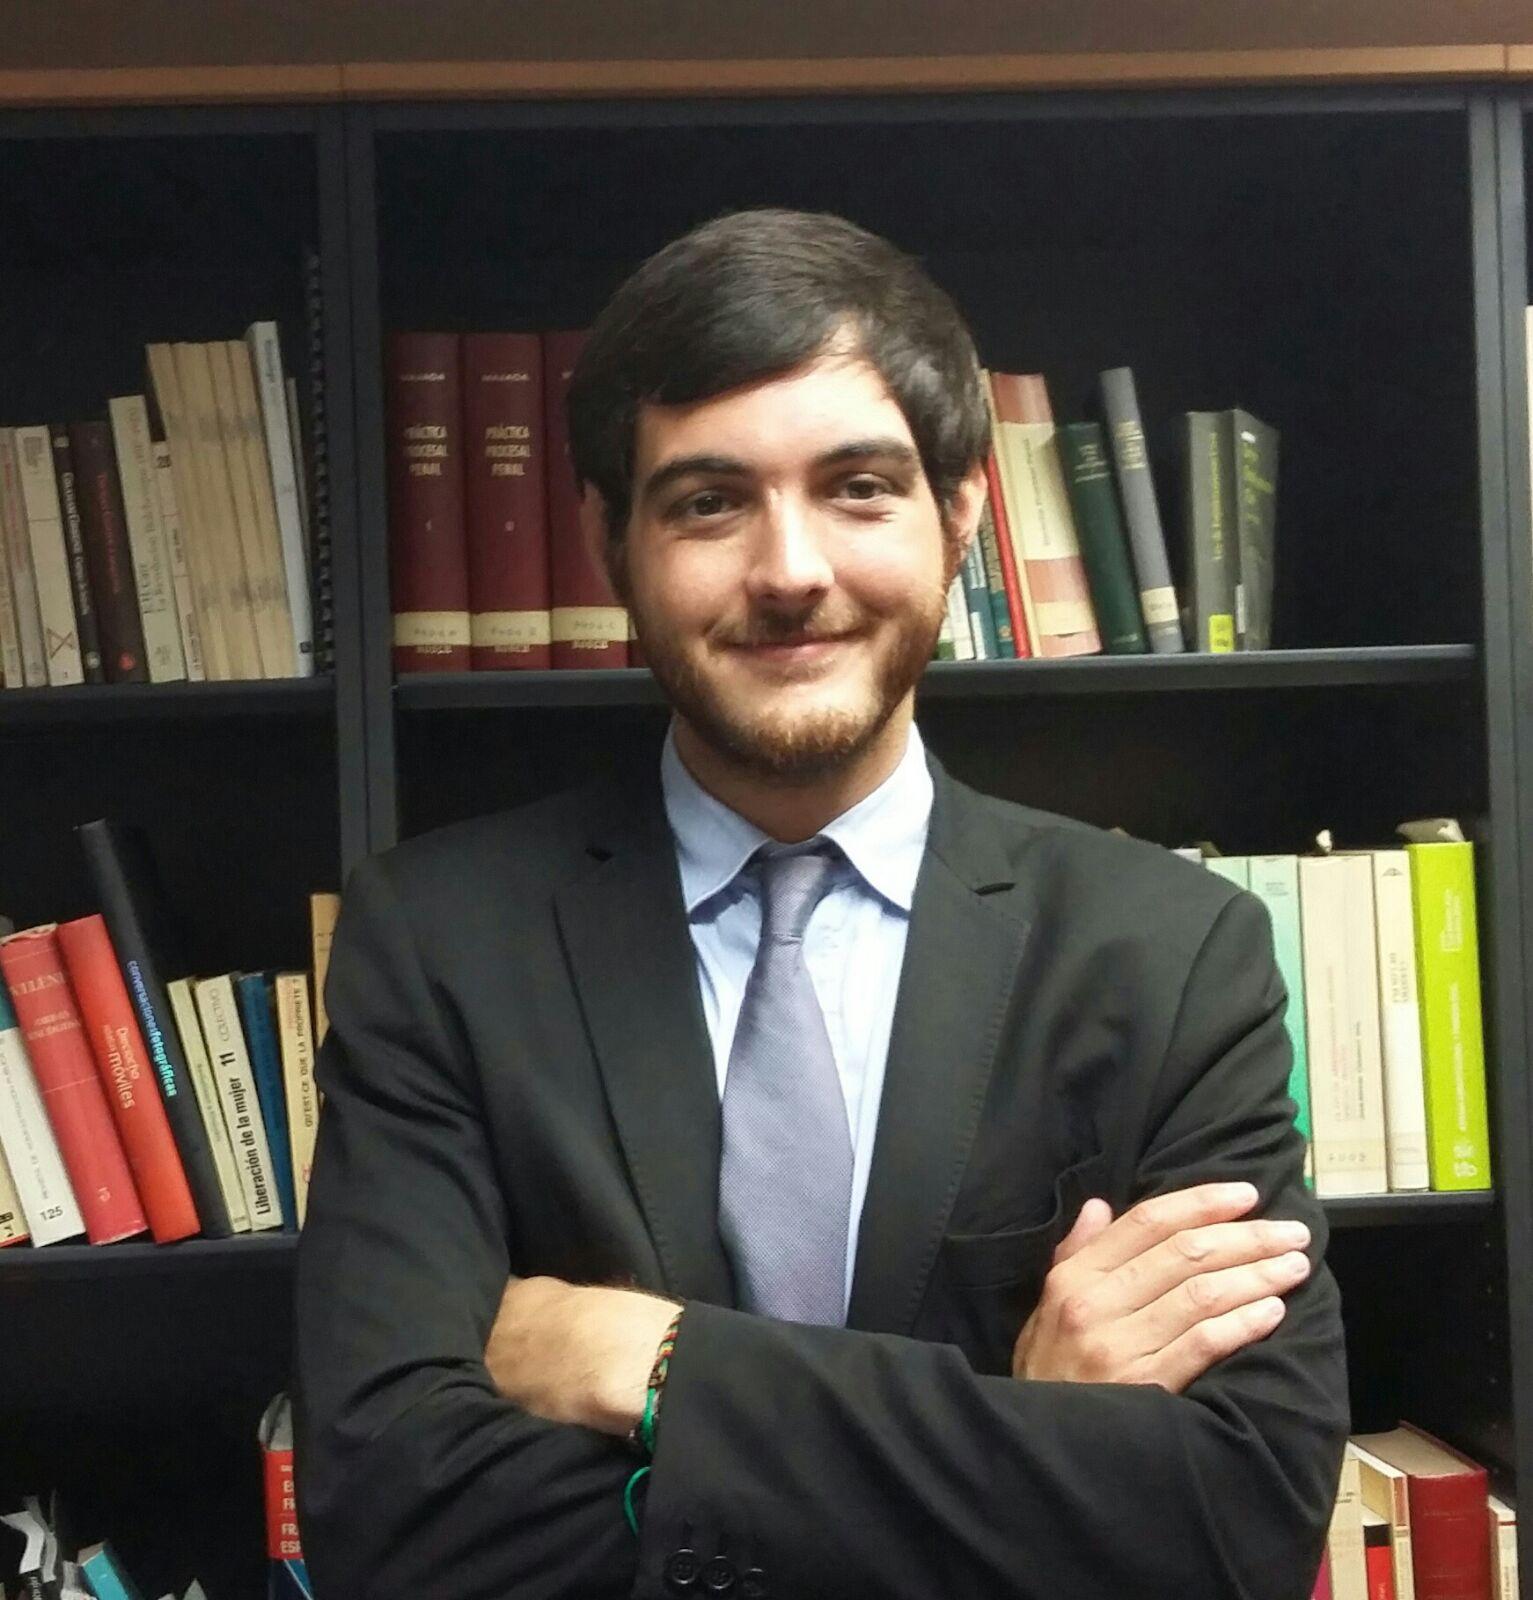 ENTREVISTA A NUESTRO LETRADO ALBERTO AZNAR SOBRE EL